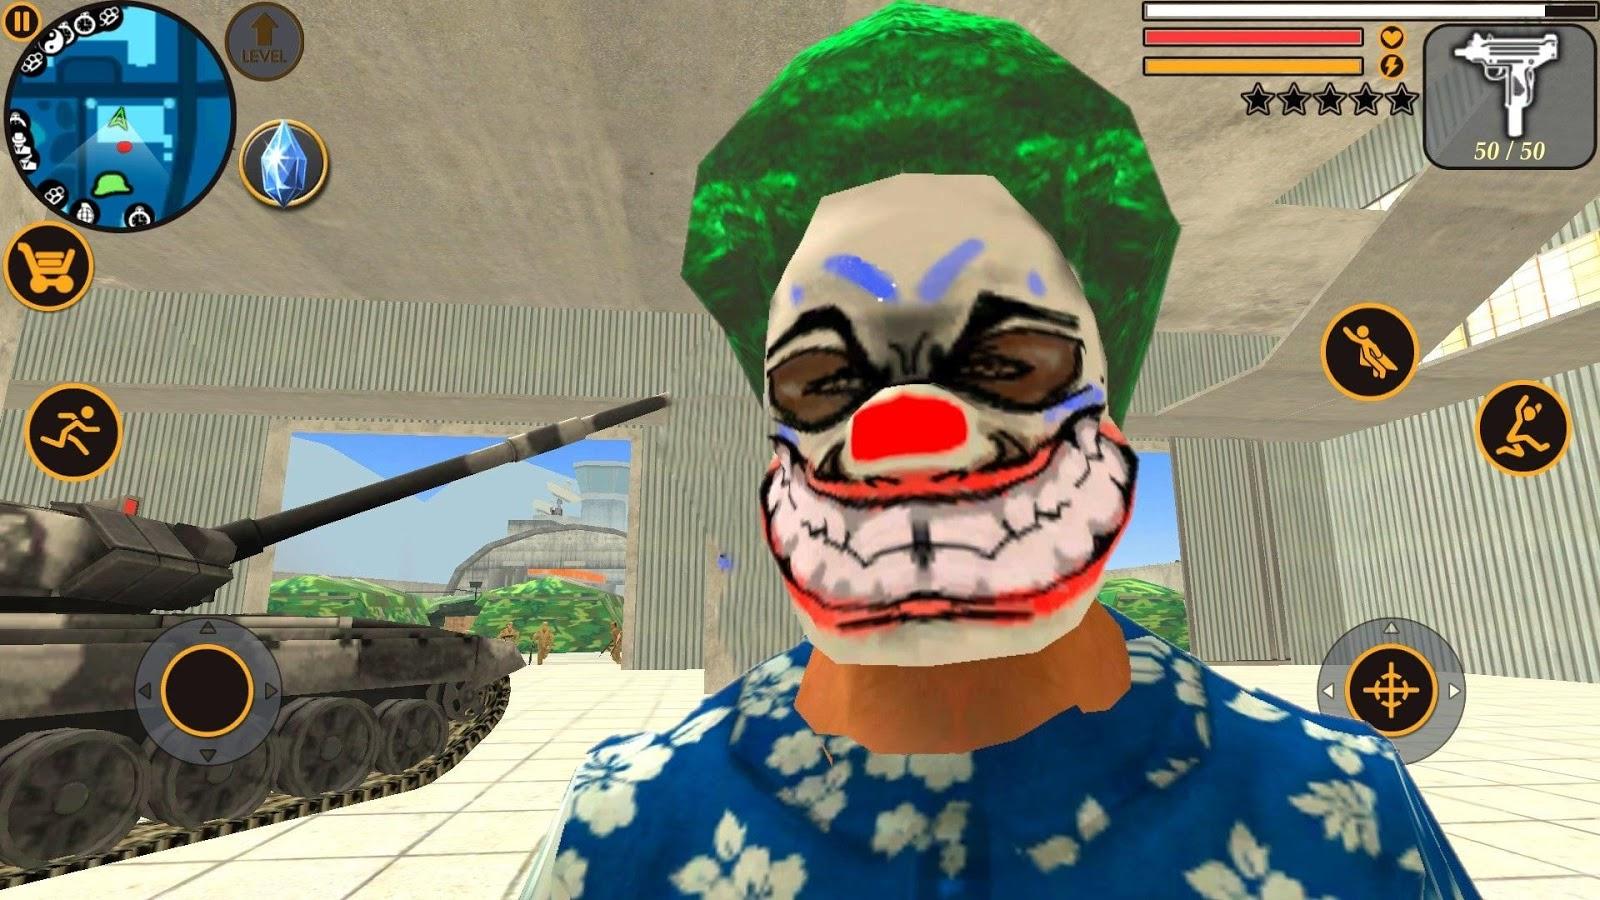 скачать в злом vegas crime simulator 2